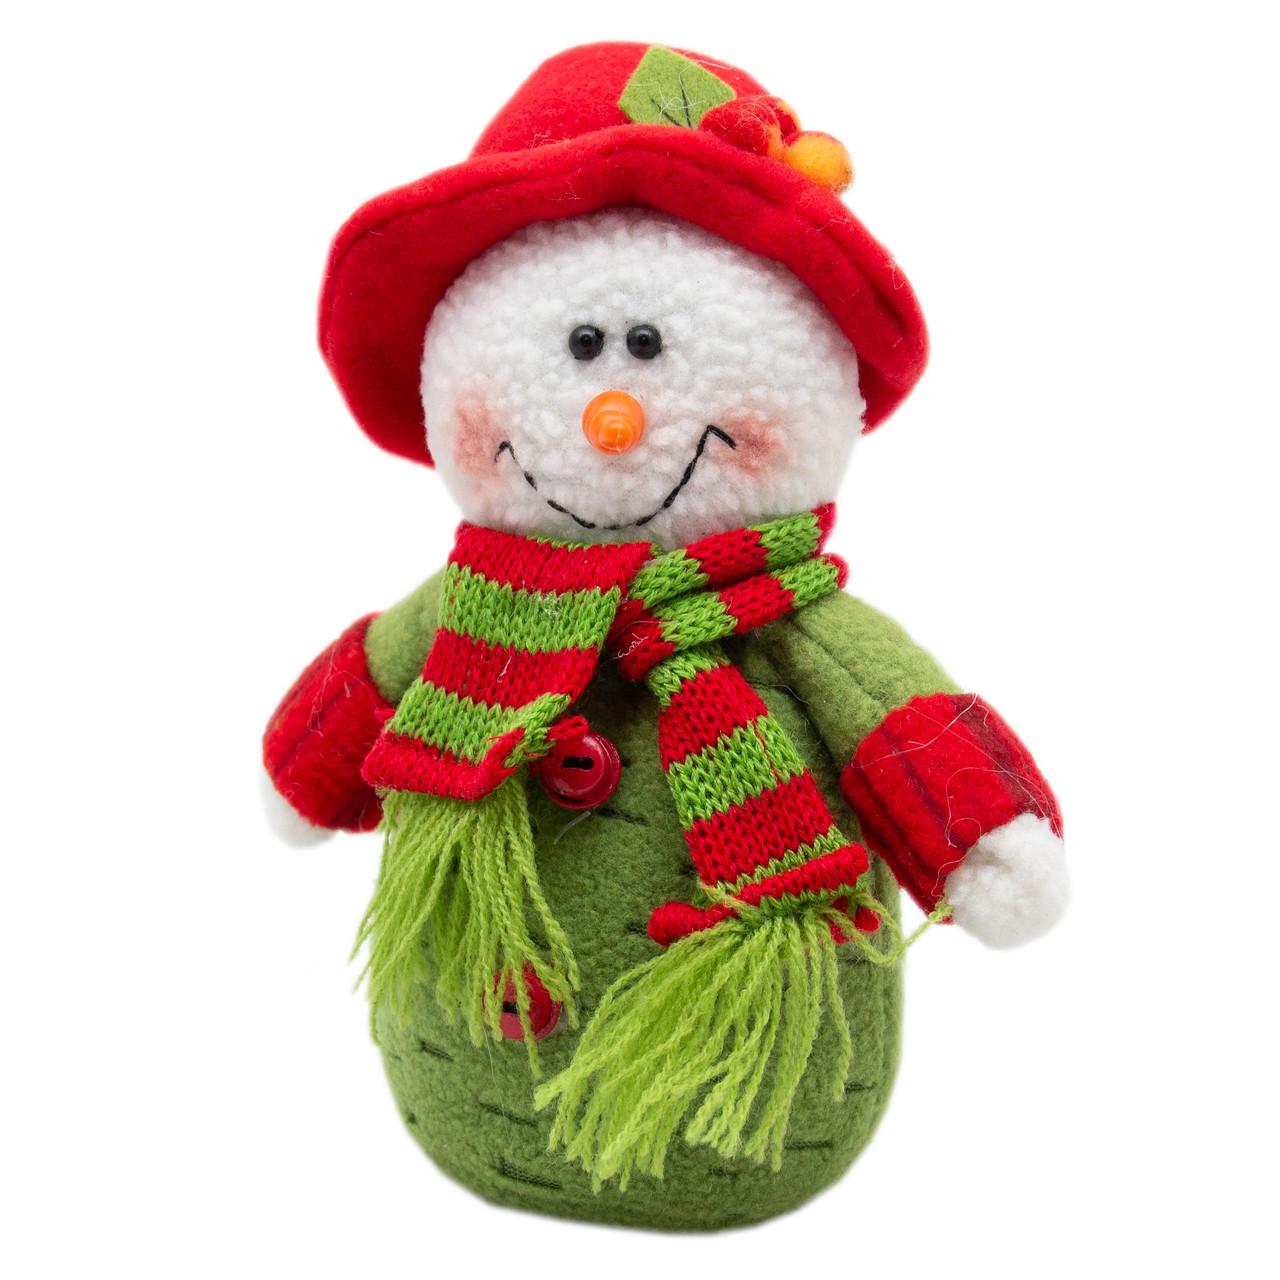 Мягкая новогодняя фигурка Снеговик мягкий 15 см, (000081-1)